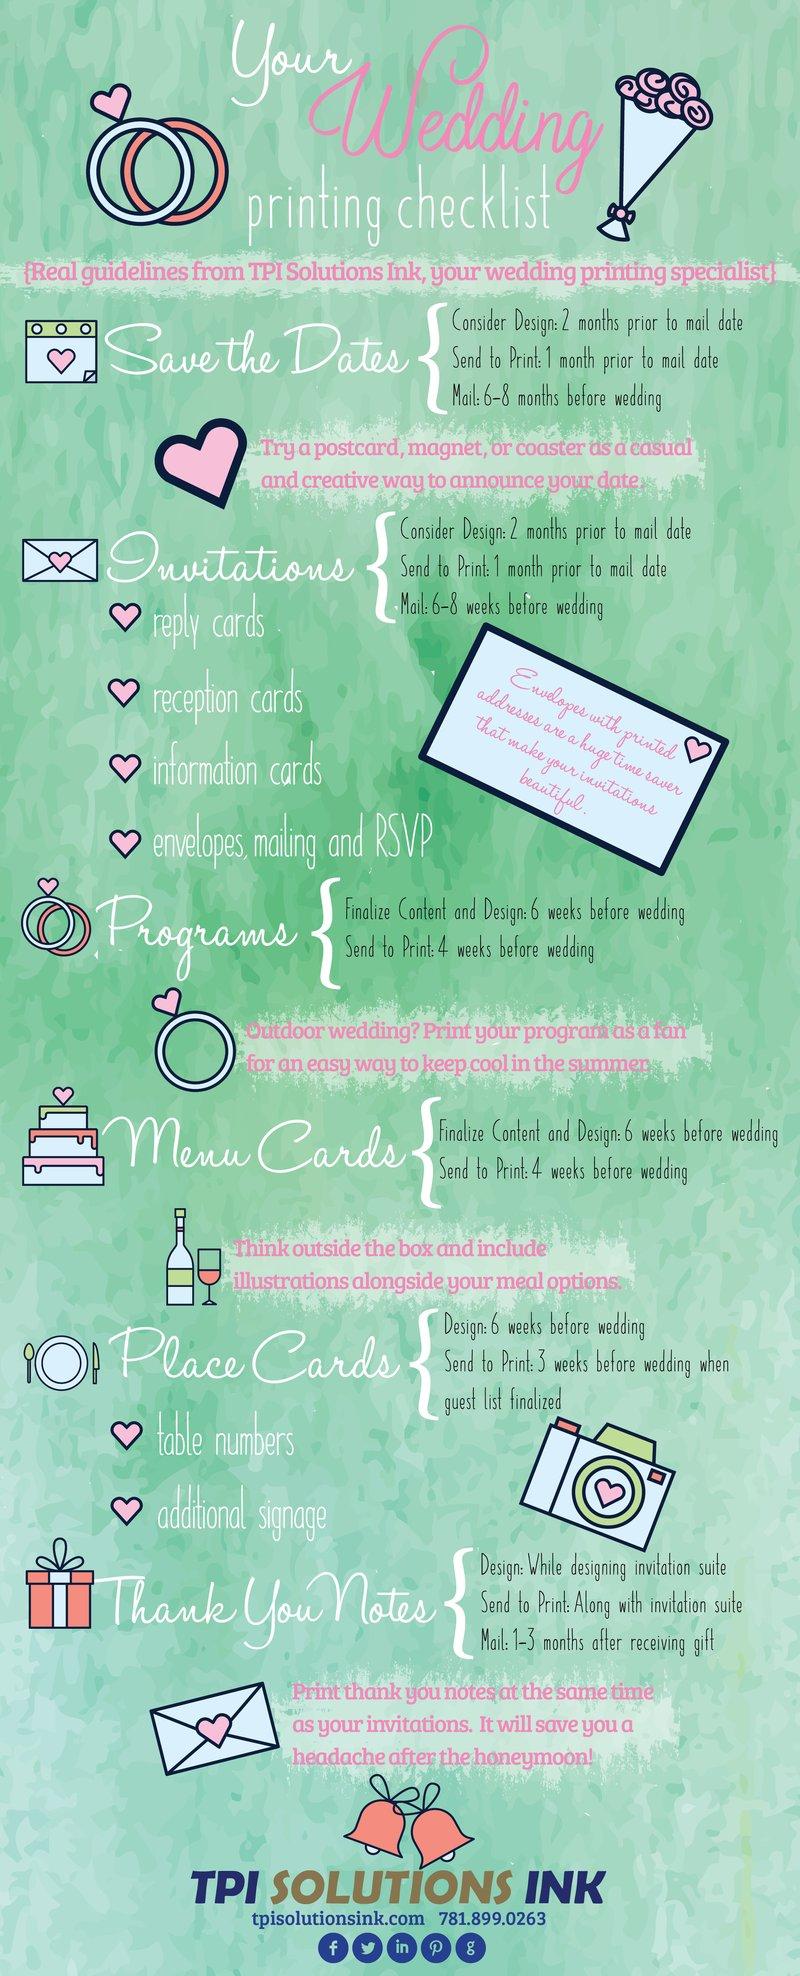 Wedding Printing Checklist TPI Solutions Ink Waltham, MA